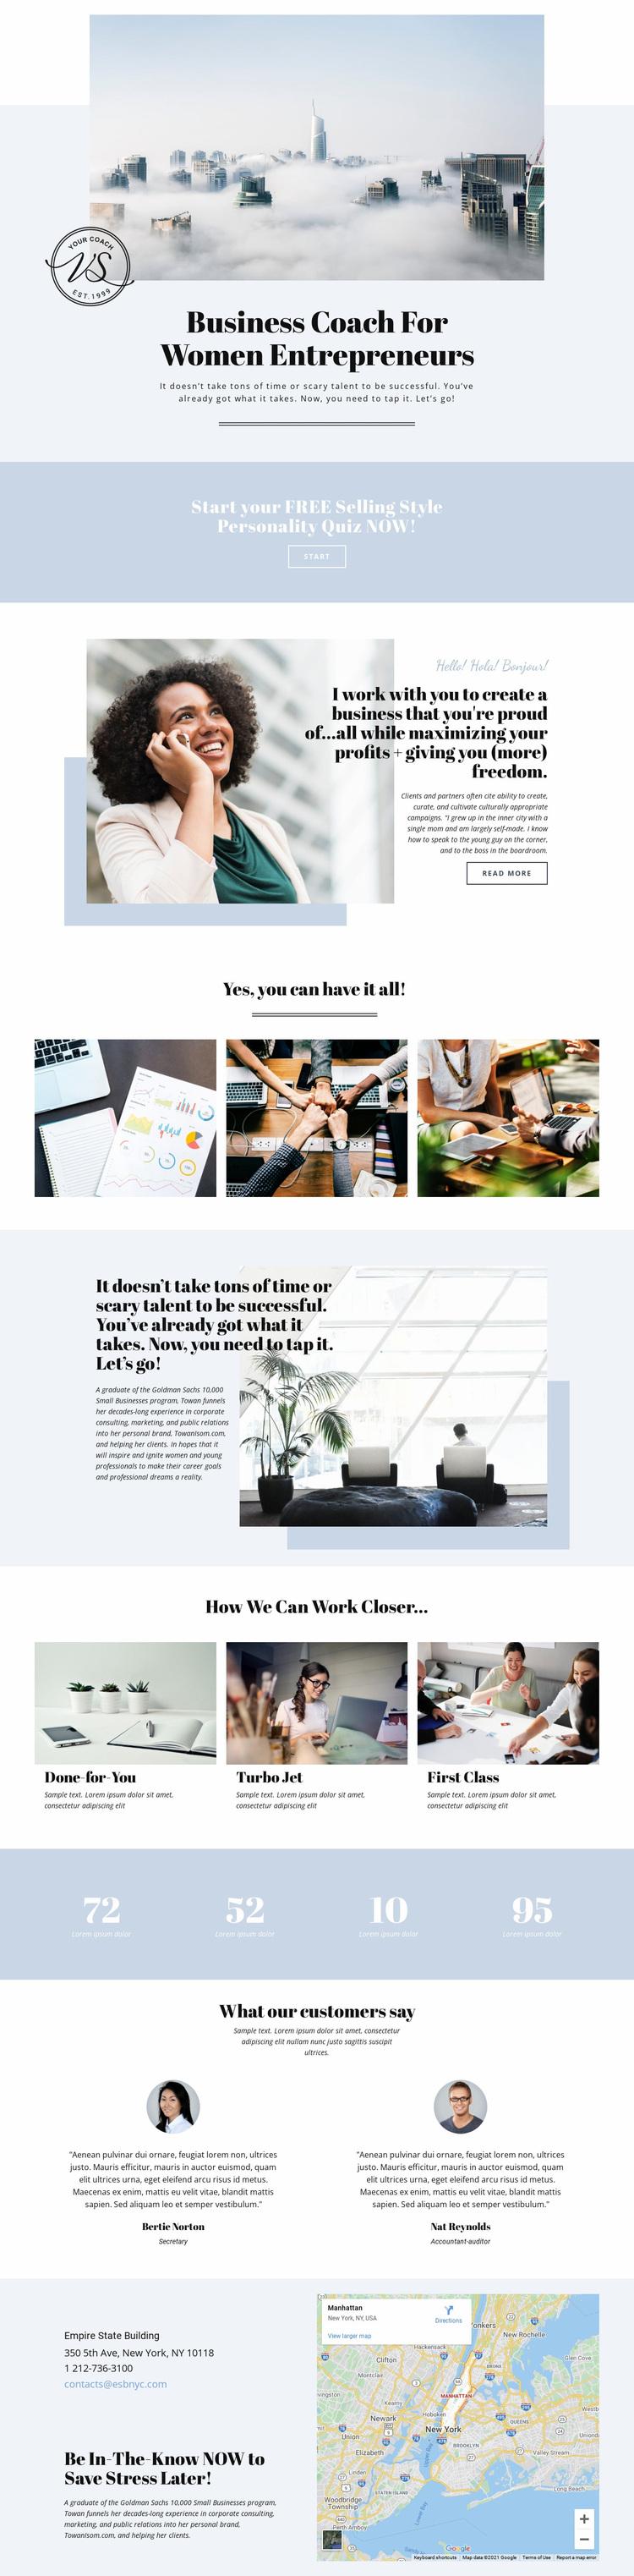 Business women entrepreneurs Website Design